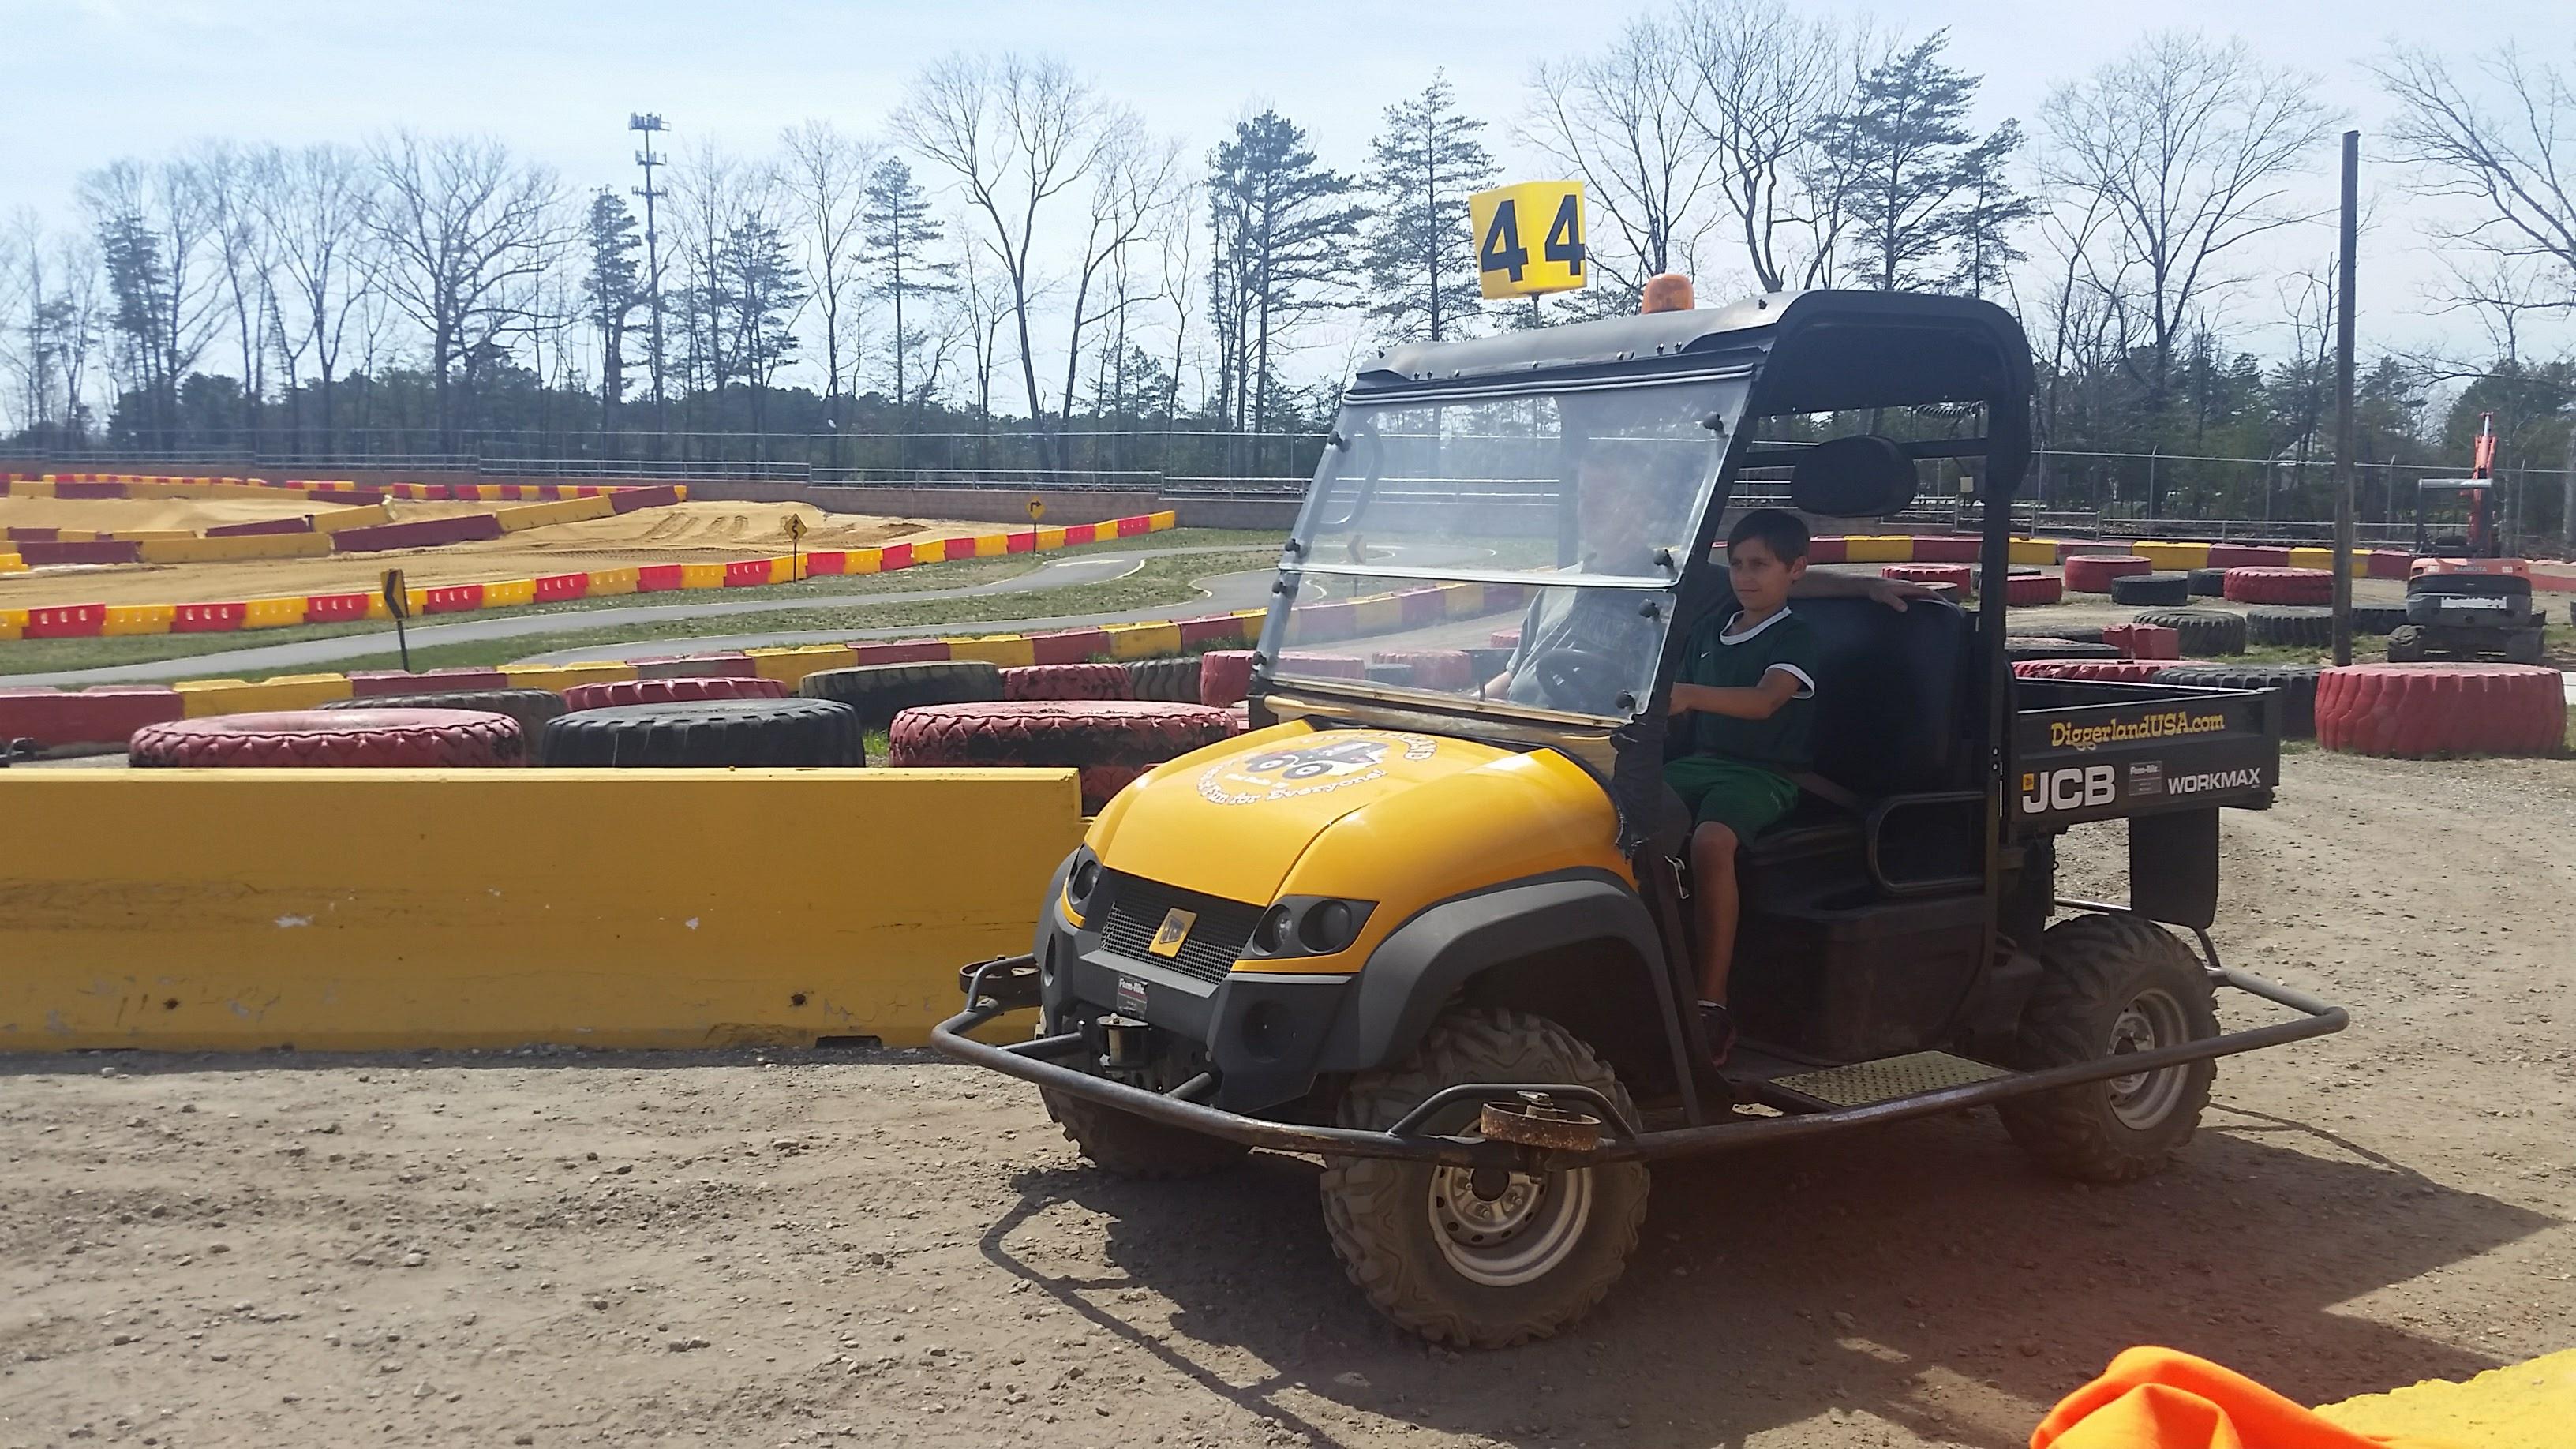 Kid driving a truck at Diggerland USA